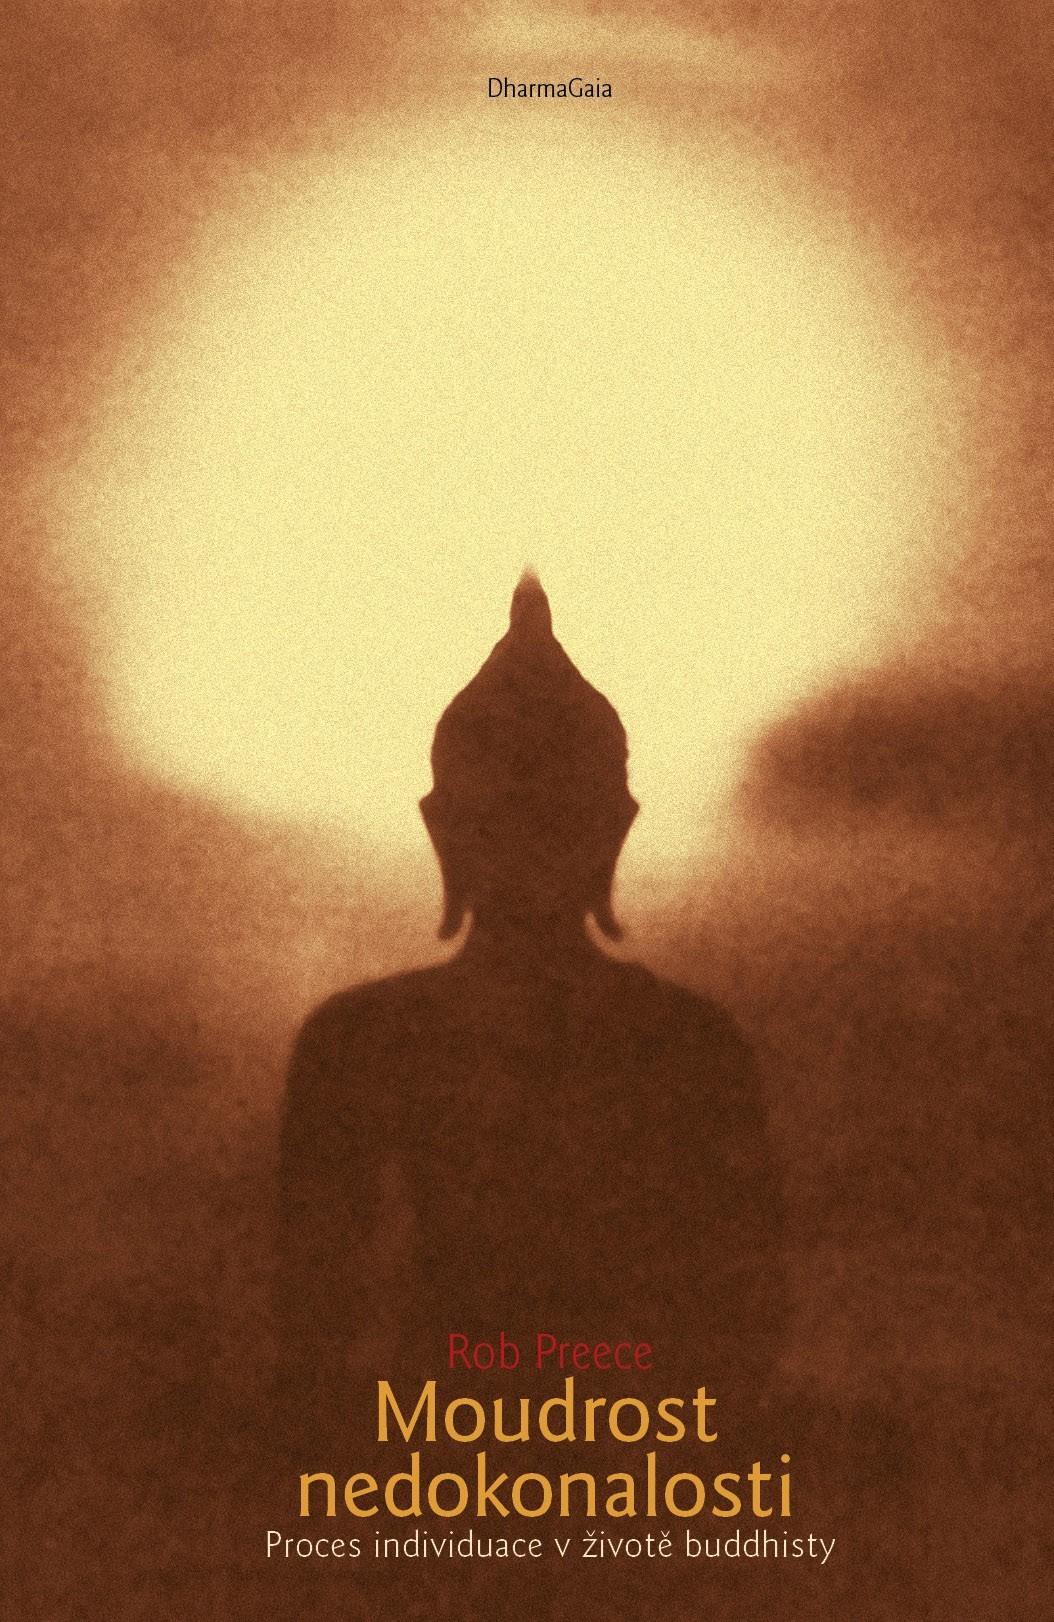 Moudrost nedokonalosti - Proces individuace v životě buddhisty